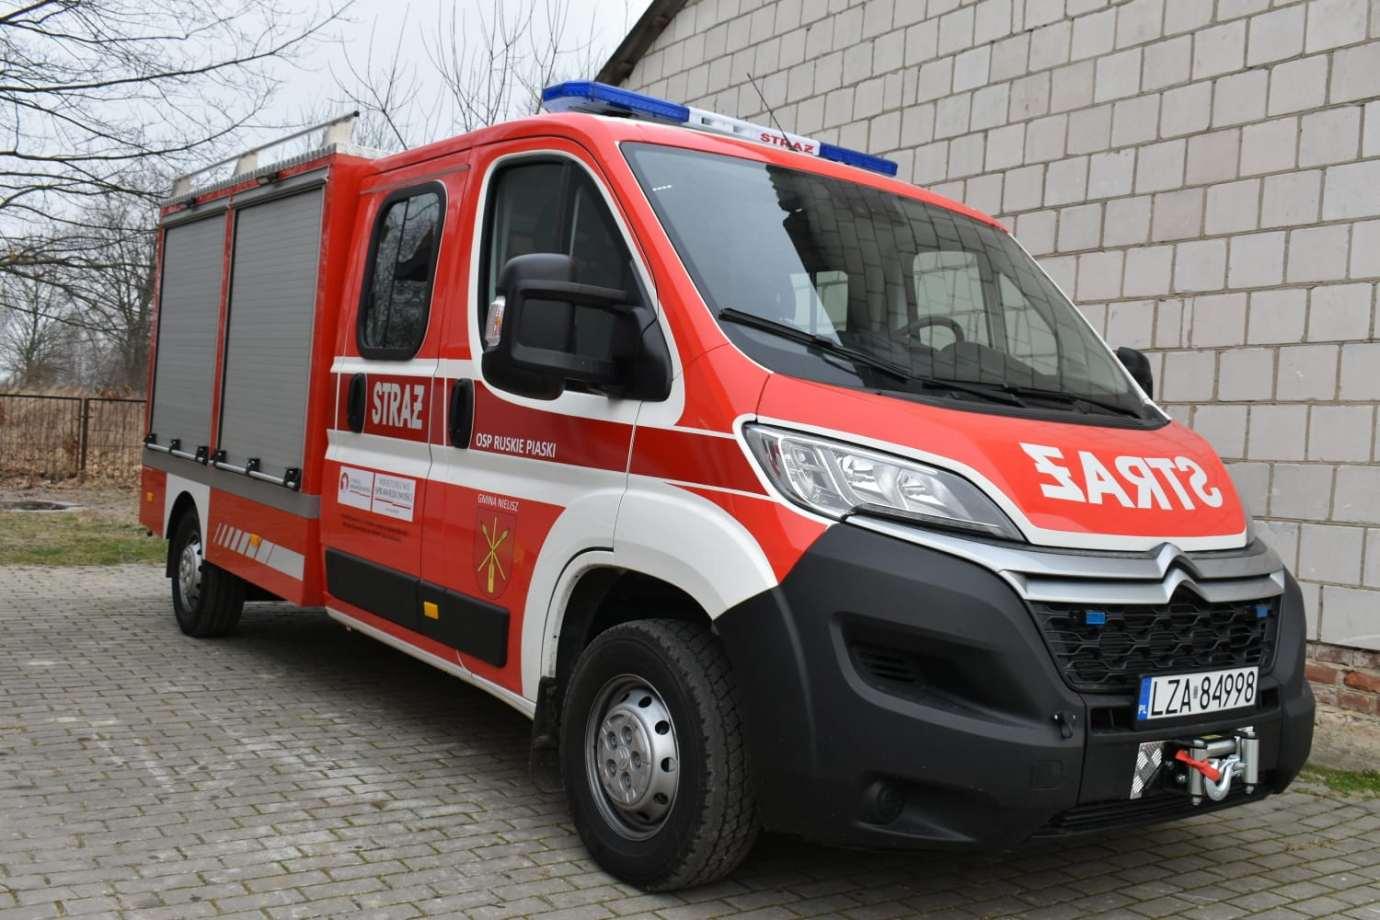 83405101 2604607839863980 2467922529365262336 o Nowy sprzęt dla strażaków z Gminy Nielisz